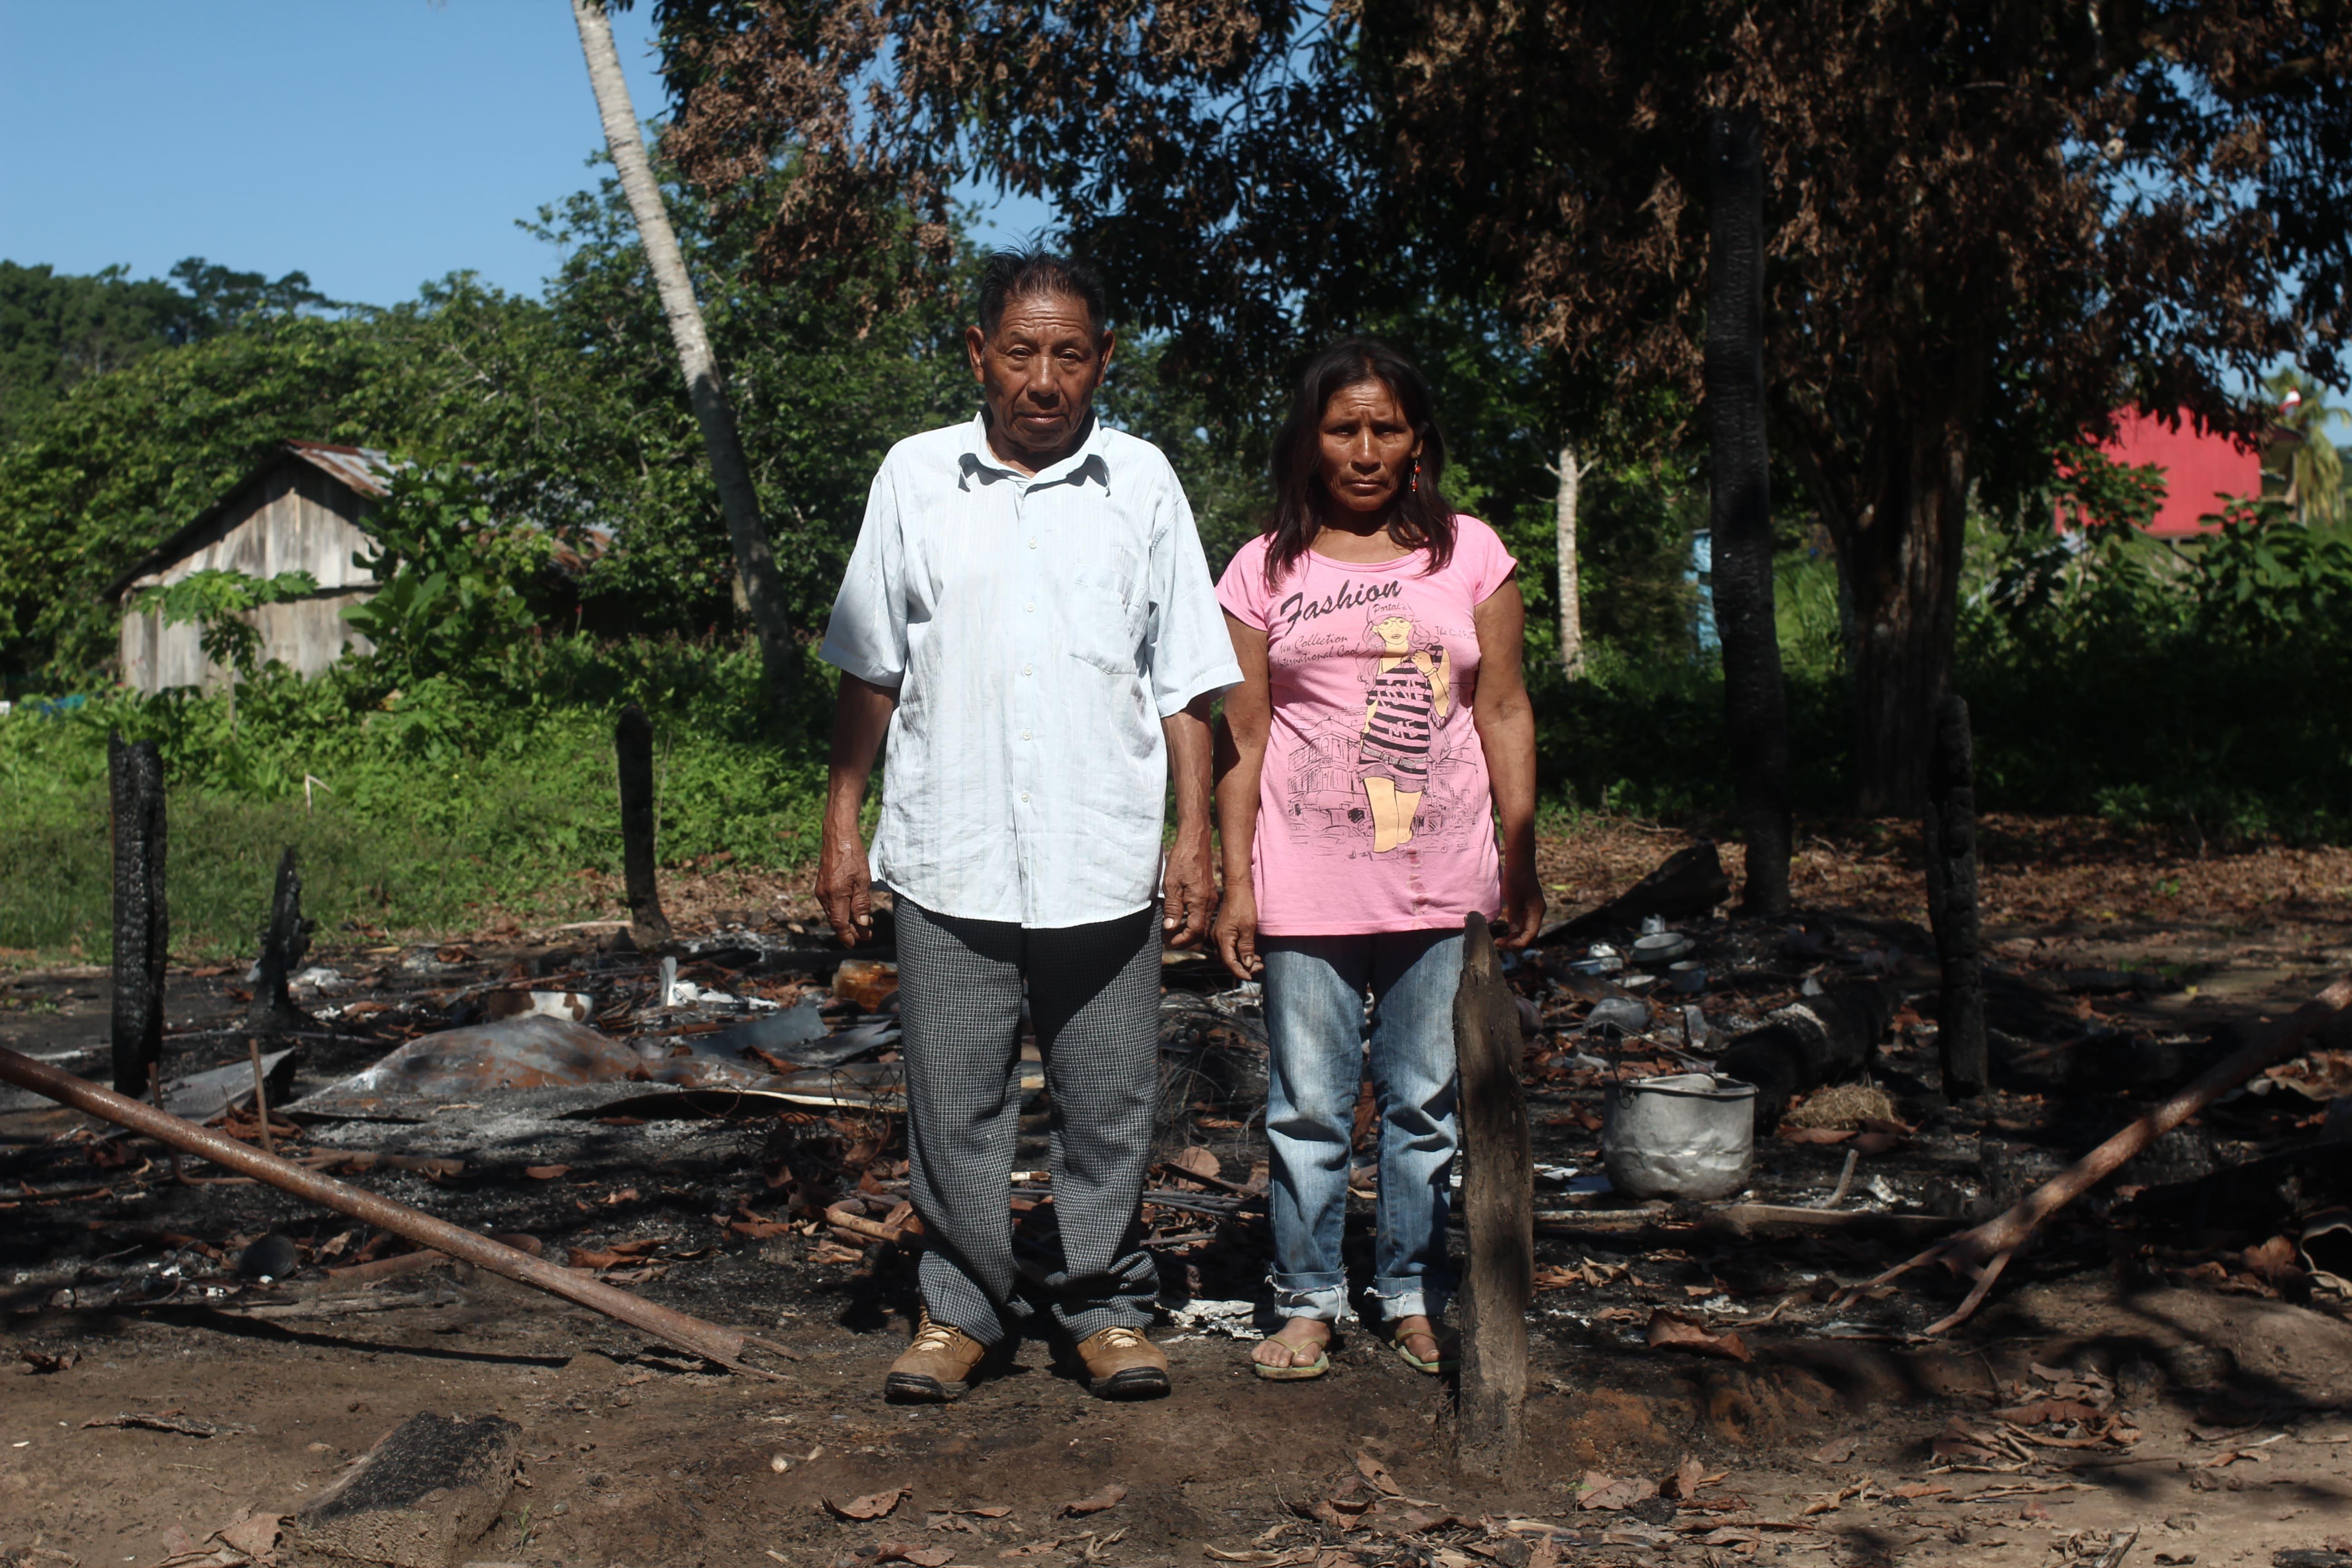 Familia Roque y las cenizas de su casa incendiada en una incursión de indígenas en aislamiento. Lali Houghton, 2014.